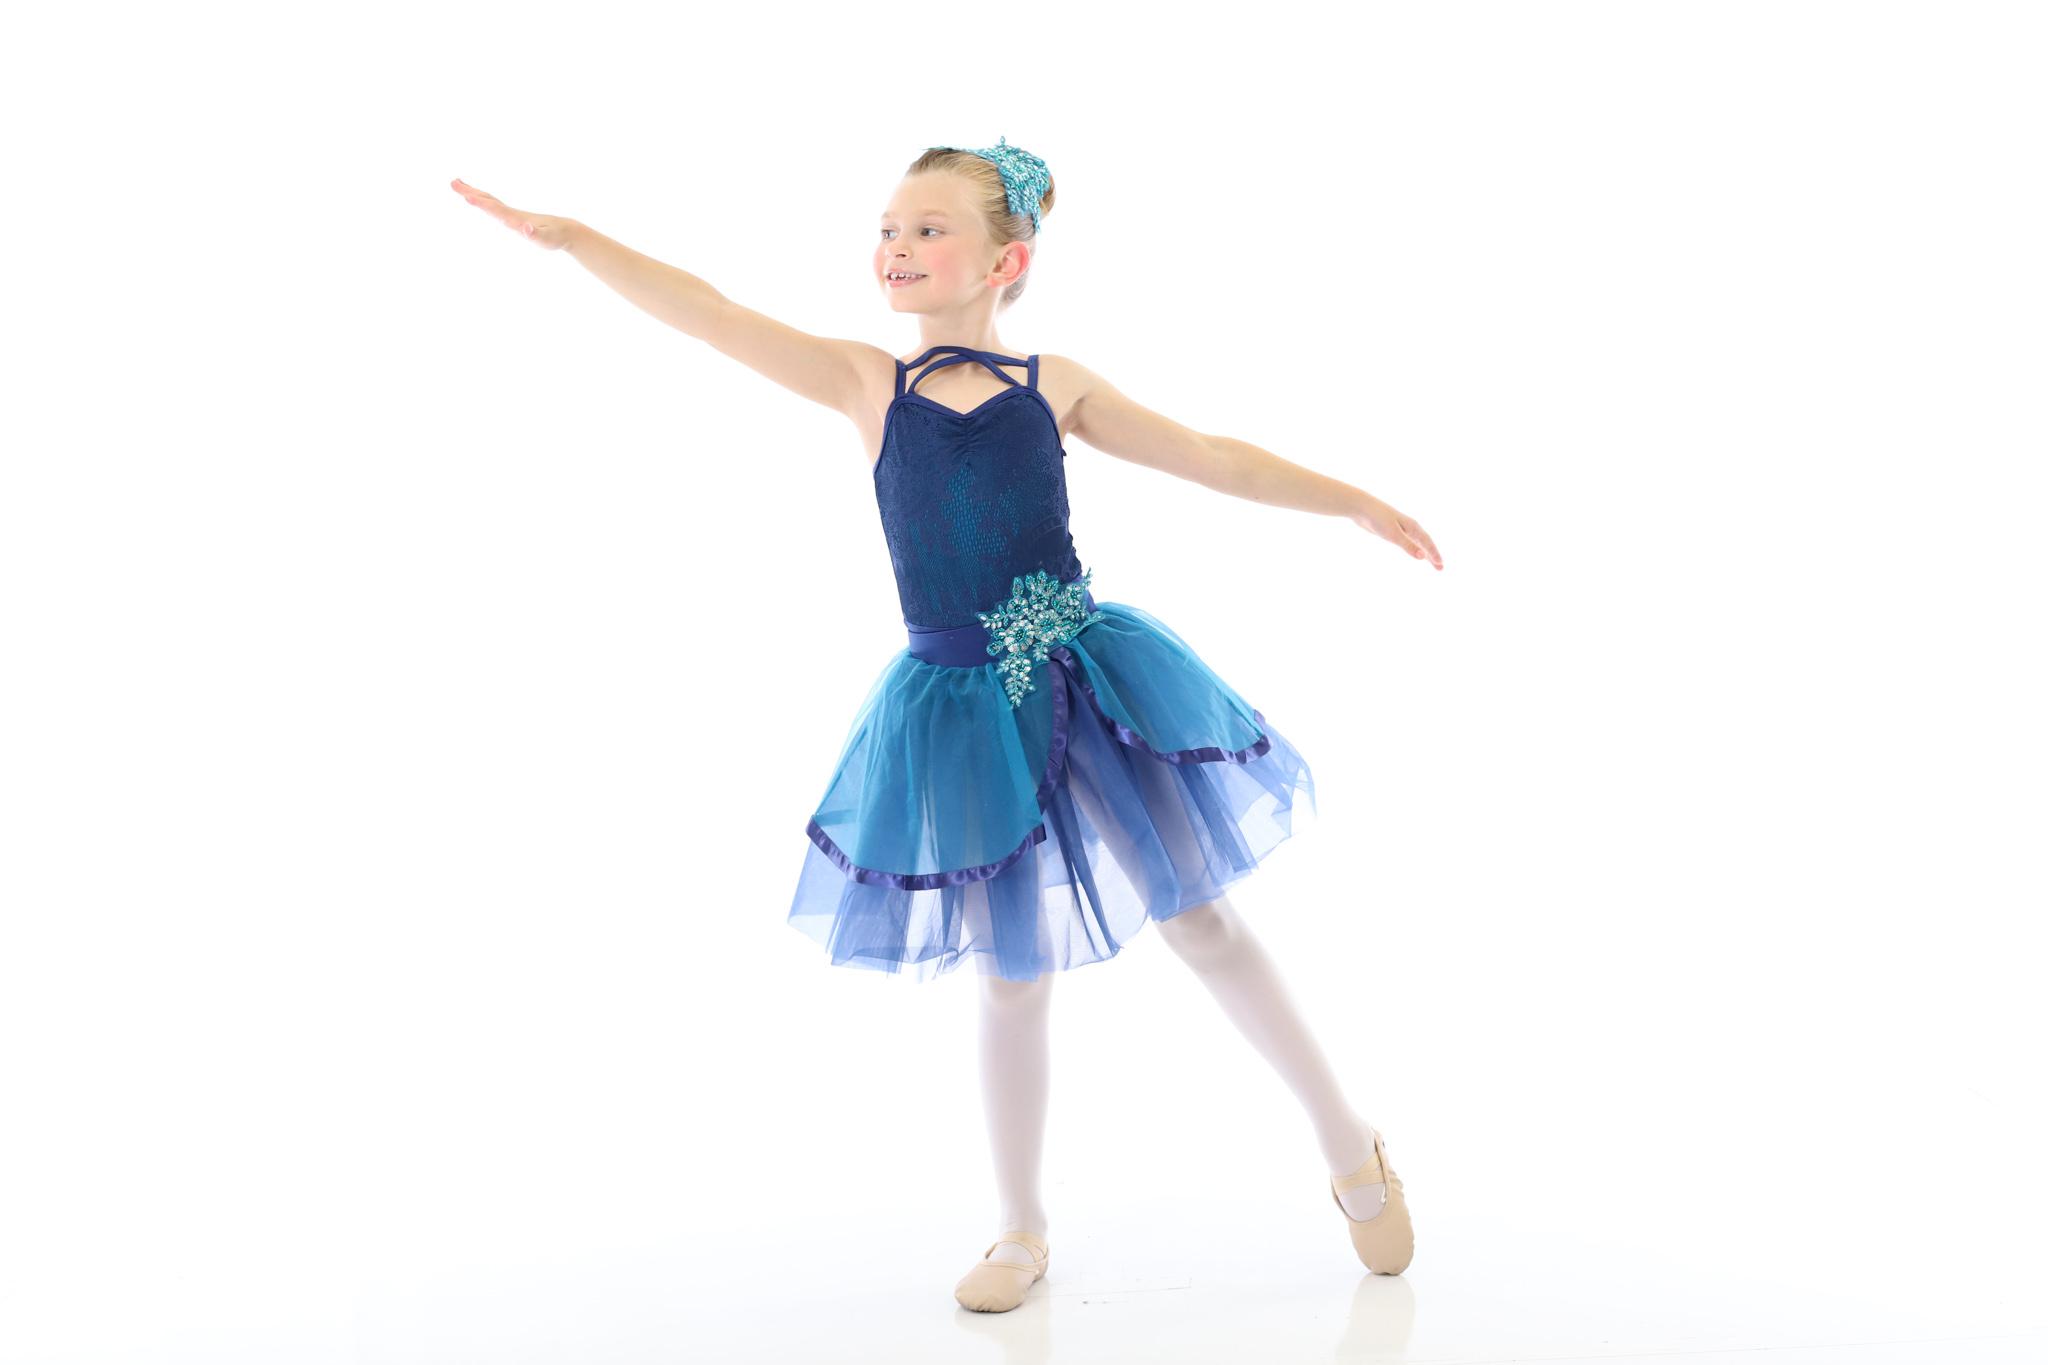 elementary ballet dance classes